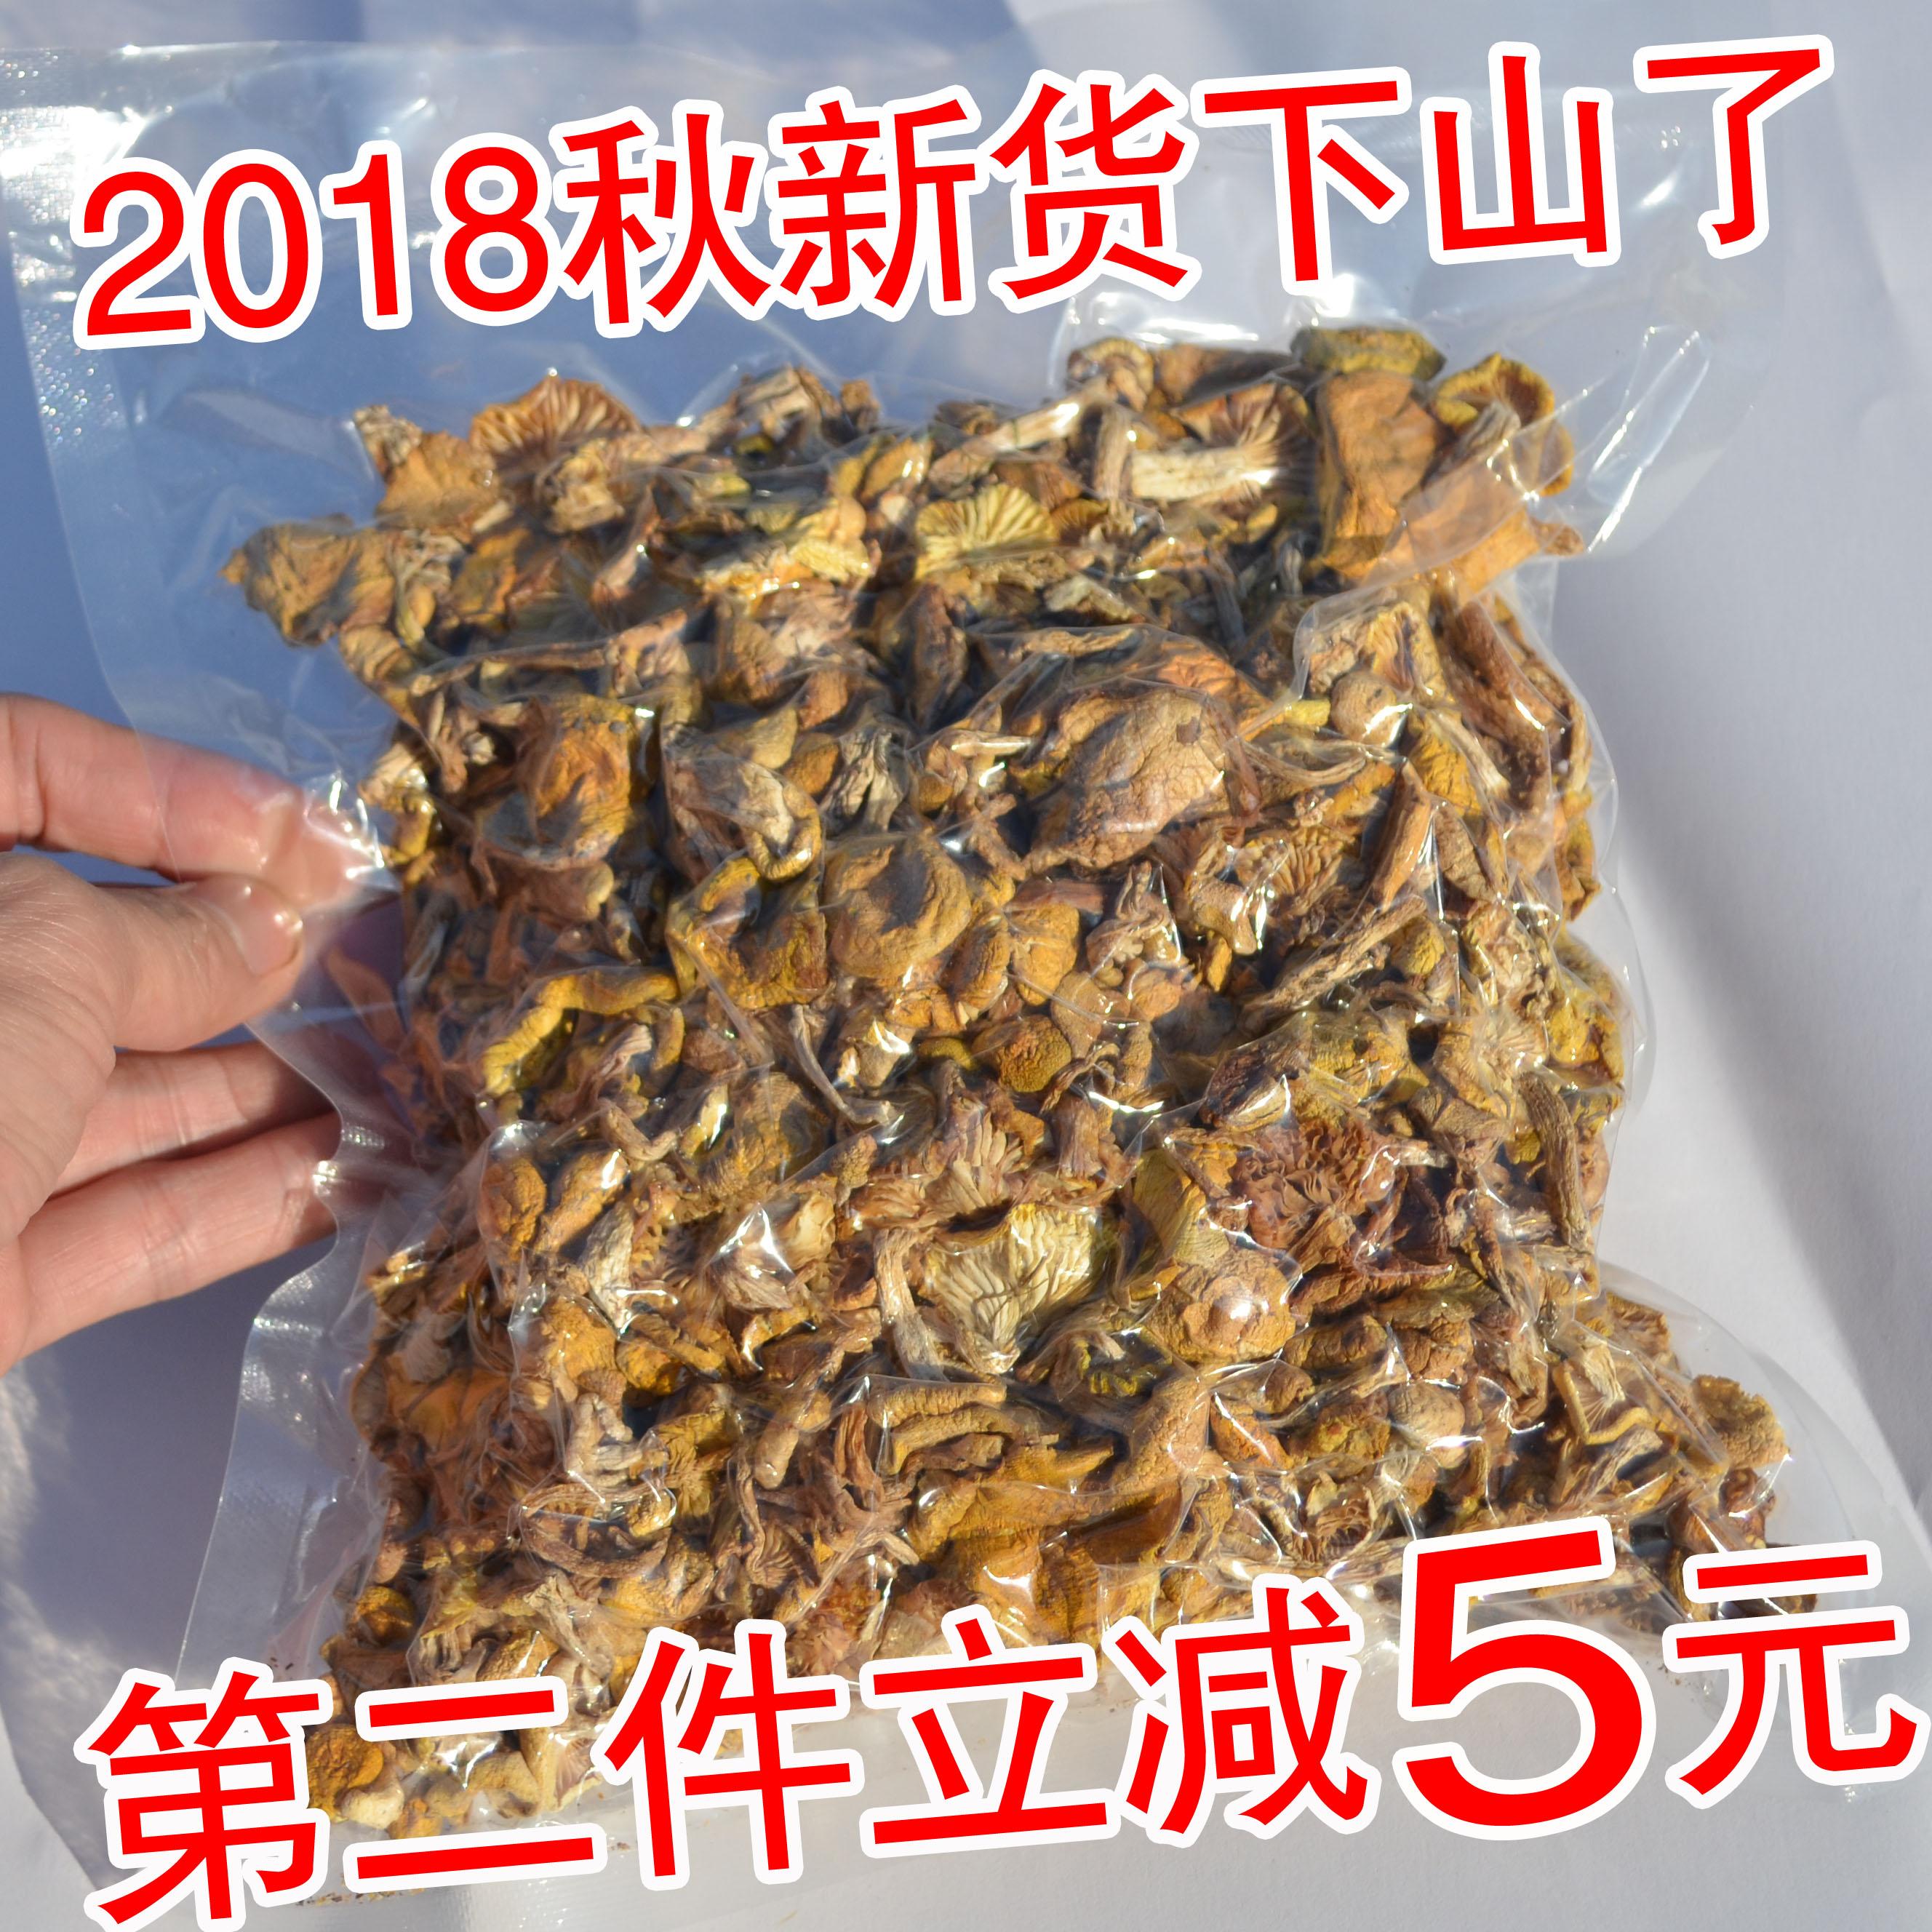 18年野生新鲜小黄蘑菇干货山珍松树油蘑东北特产山货香菇蘑丁包邮